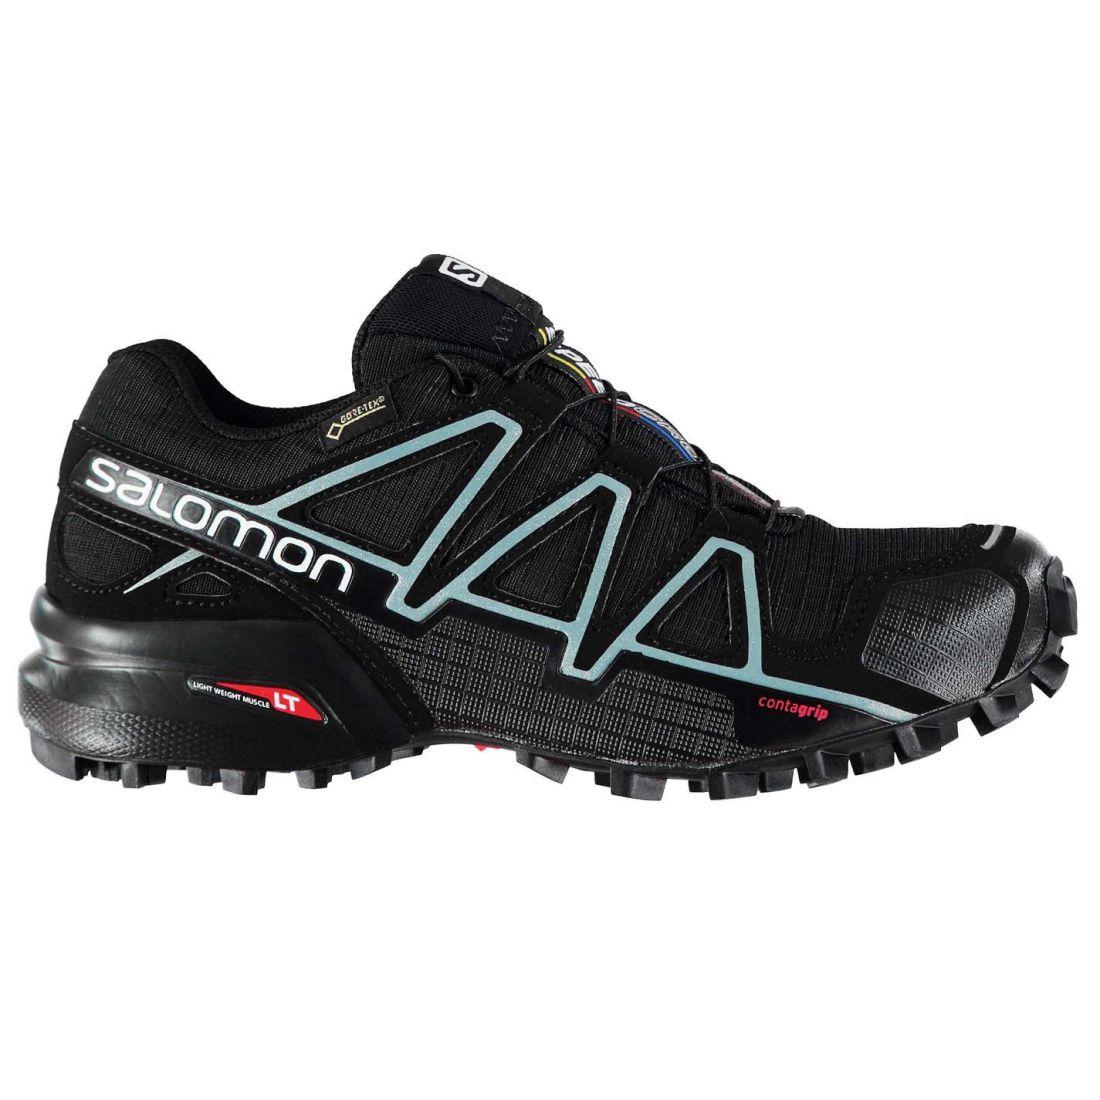 Salomon SpeedCross 4 GTX Trail Running shoes Ladies